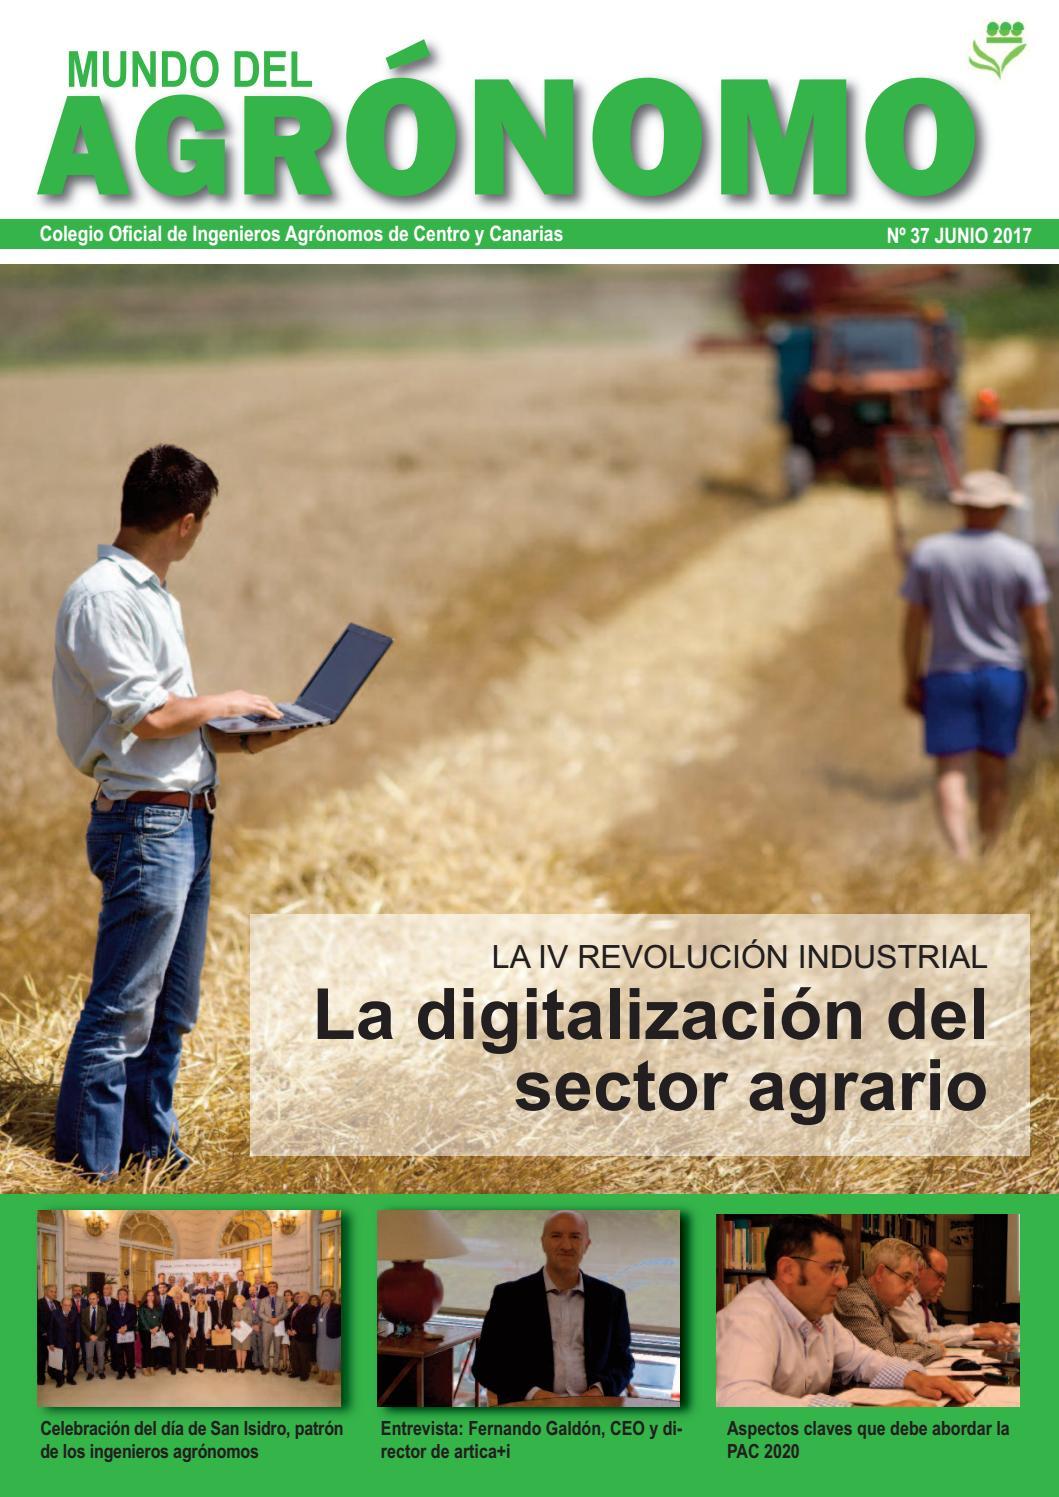 Mundo del Agrónomo nº 37 by Colegio Oficial de Ingenieros Agrónomos ...